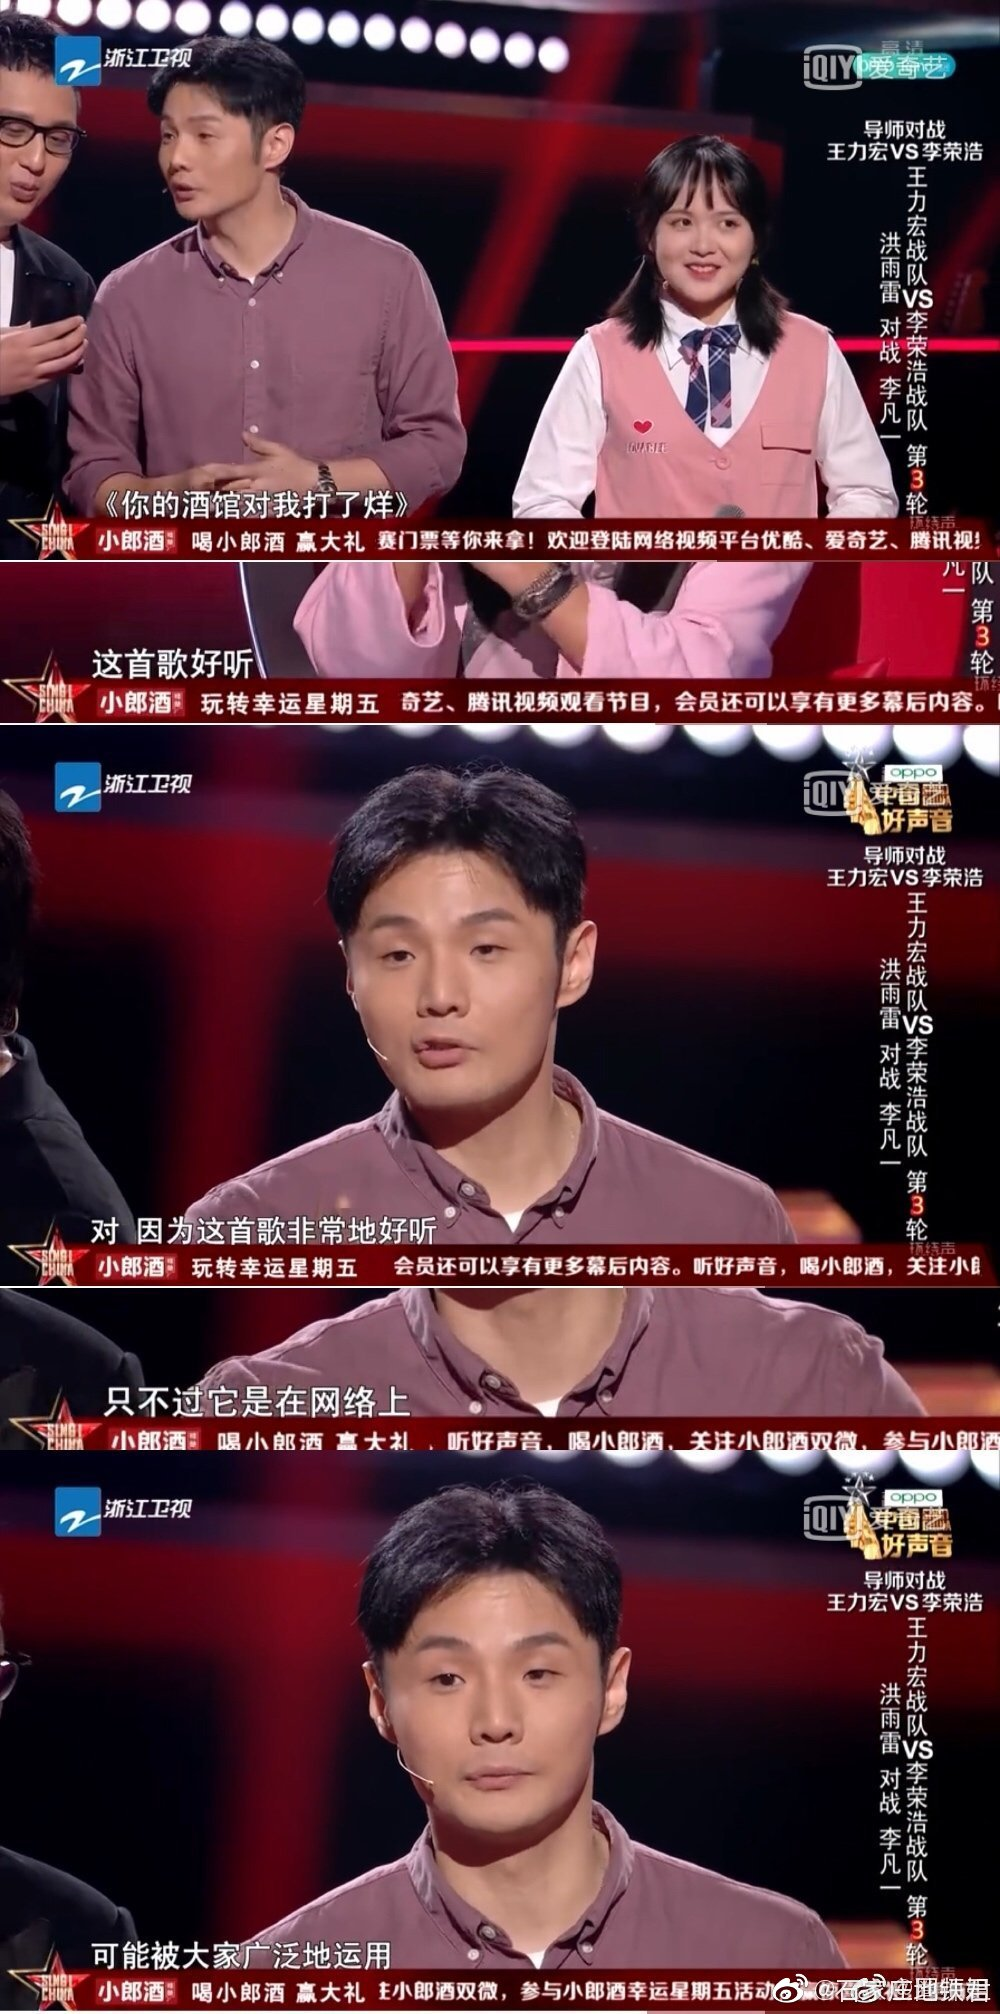 @李荣浩 在最新一期中国好声音中提到很喜欢《你的酒馆对我打了烊》